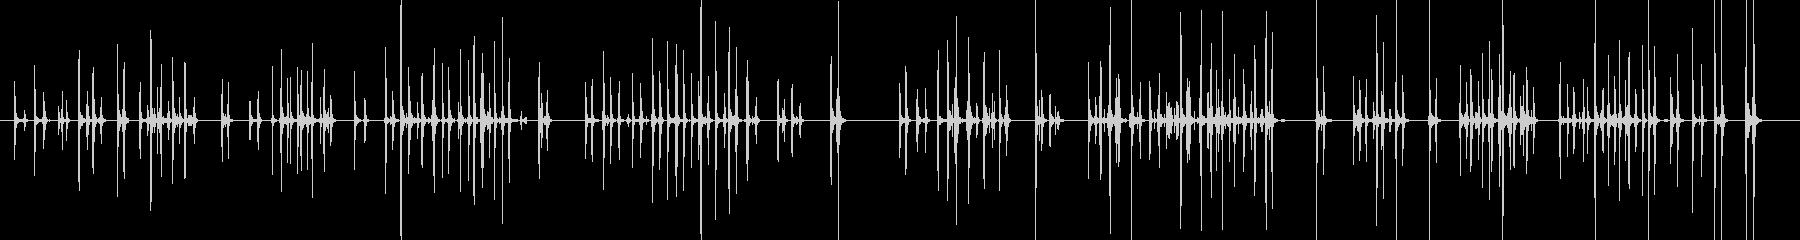 カタカタ_キーボード_タイピング長めの未再生の波形